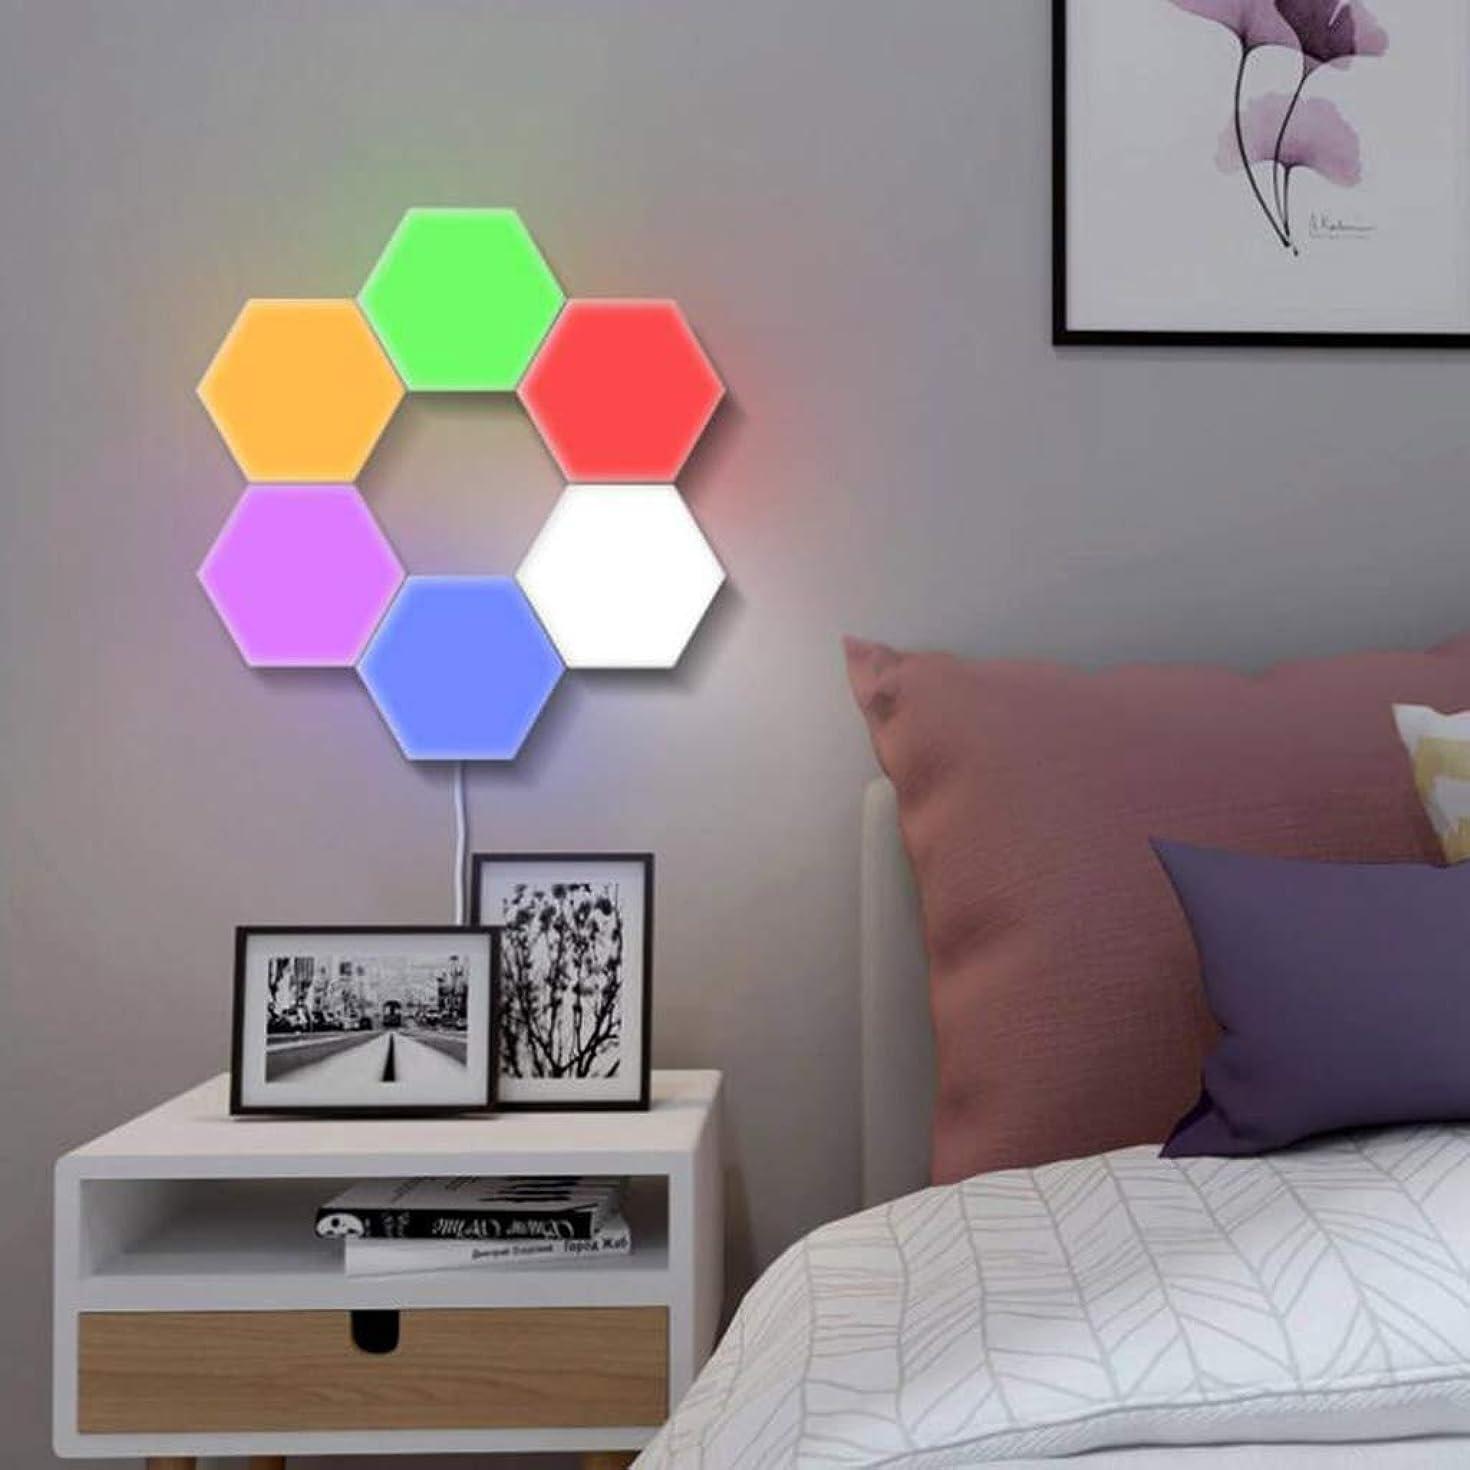 期待してファンネルウェブスパイダーロンドン色RGB六角形の壁ライトLEDの寝室の夜ライトDIYのモジュラータッチ敏感な量子ランプ多機能の知性の創造的な装飾の壁,紫色,5PCS